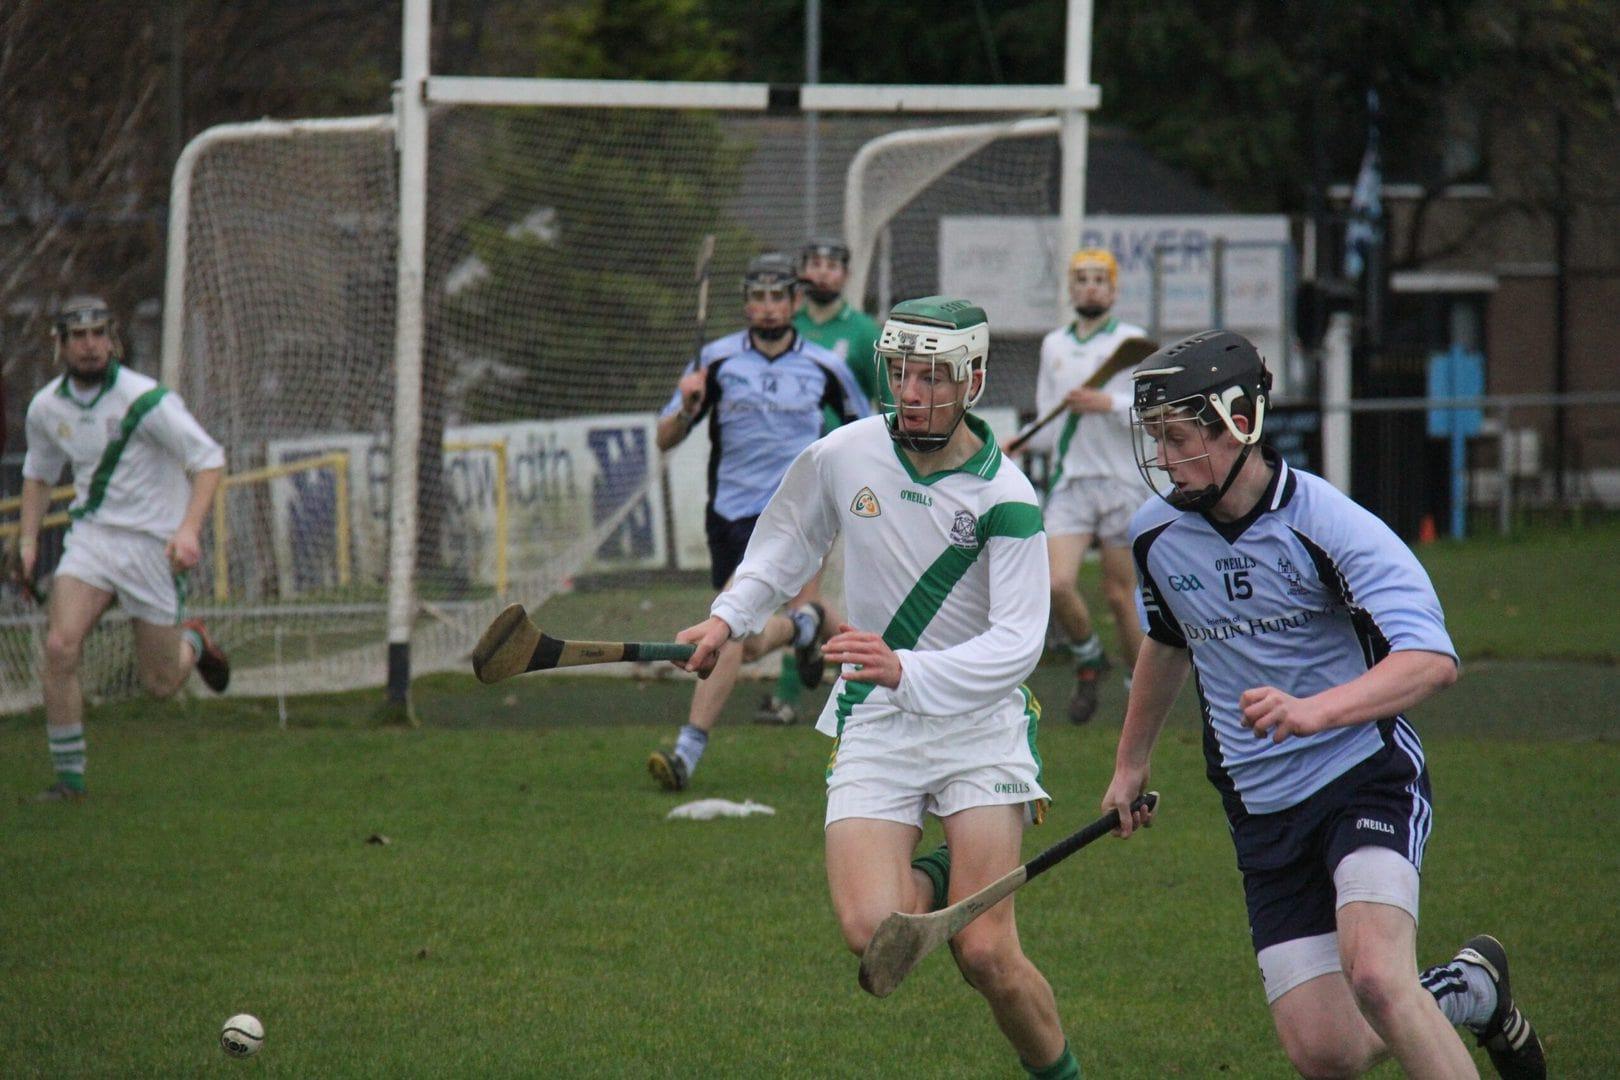 Studietur Dublin Gaelic Games